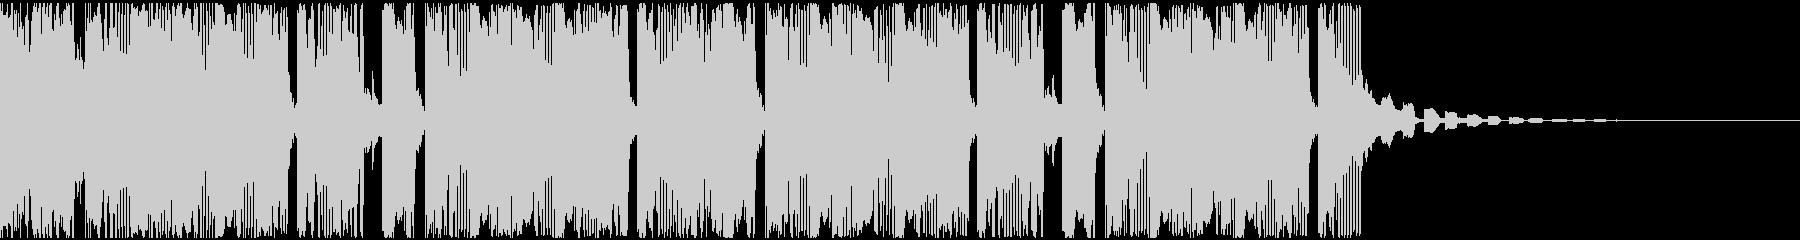 【アンビエント】ロング2、ショート5の未再生の波形